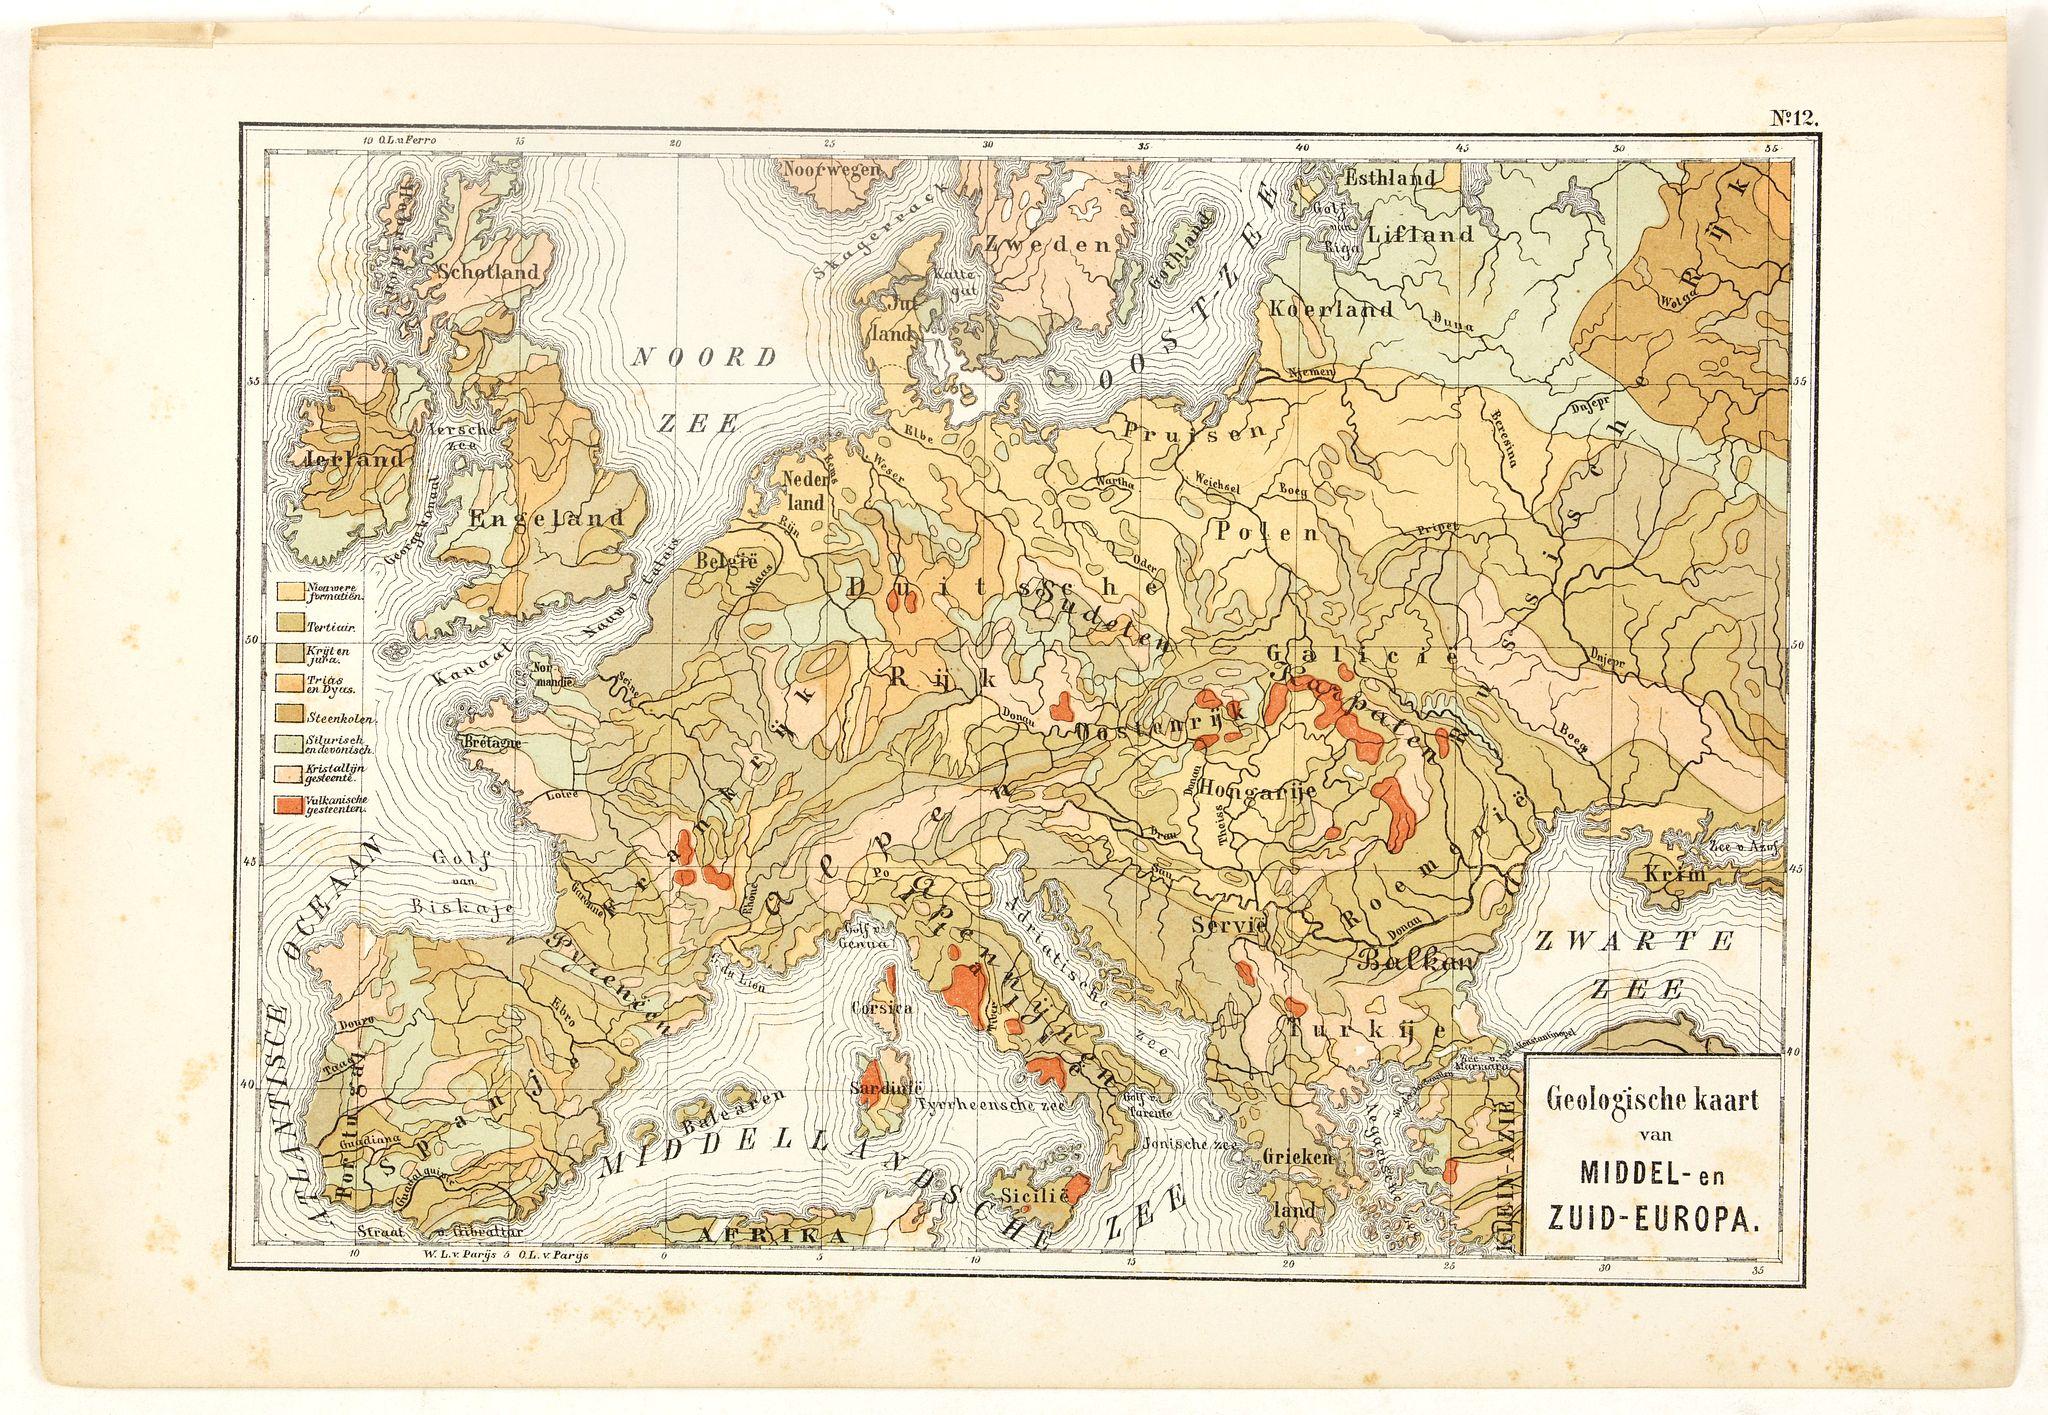 POSTHUMUS, N.W. -  Geologische Kaart van Middel- en Zuid-Europa.